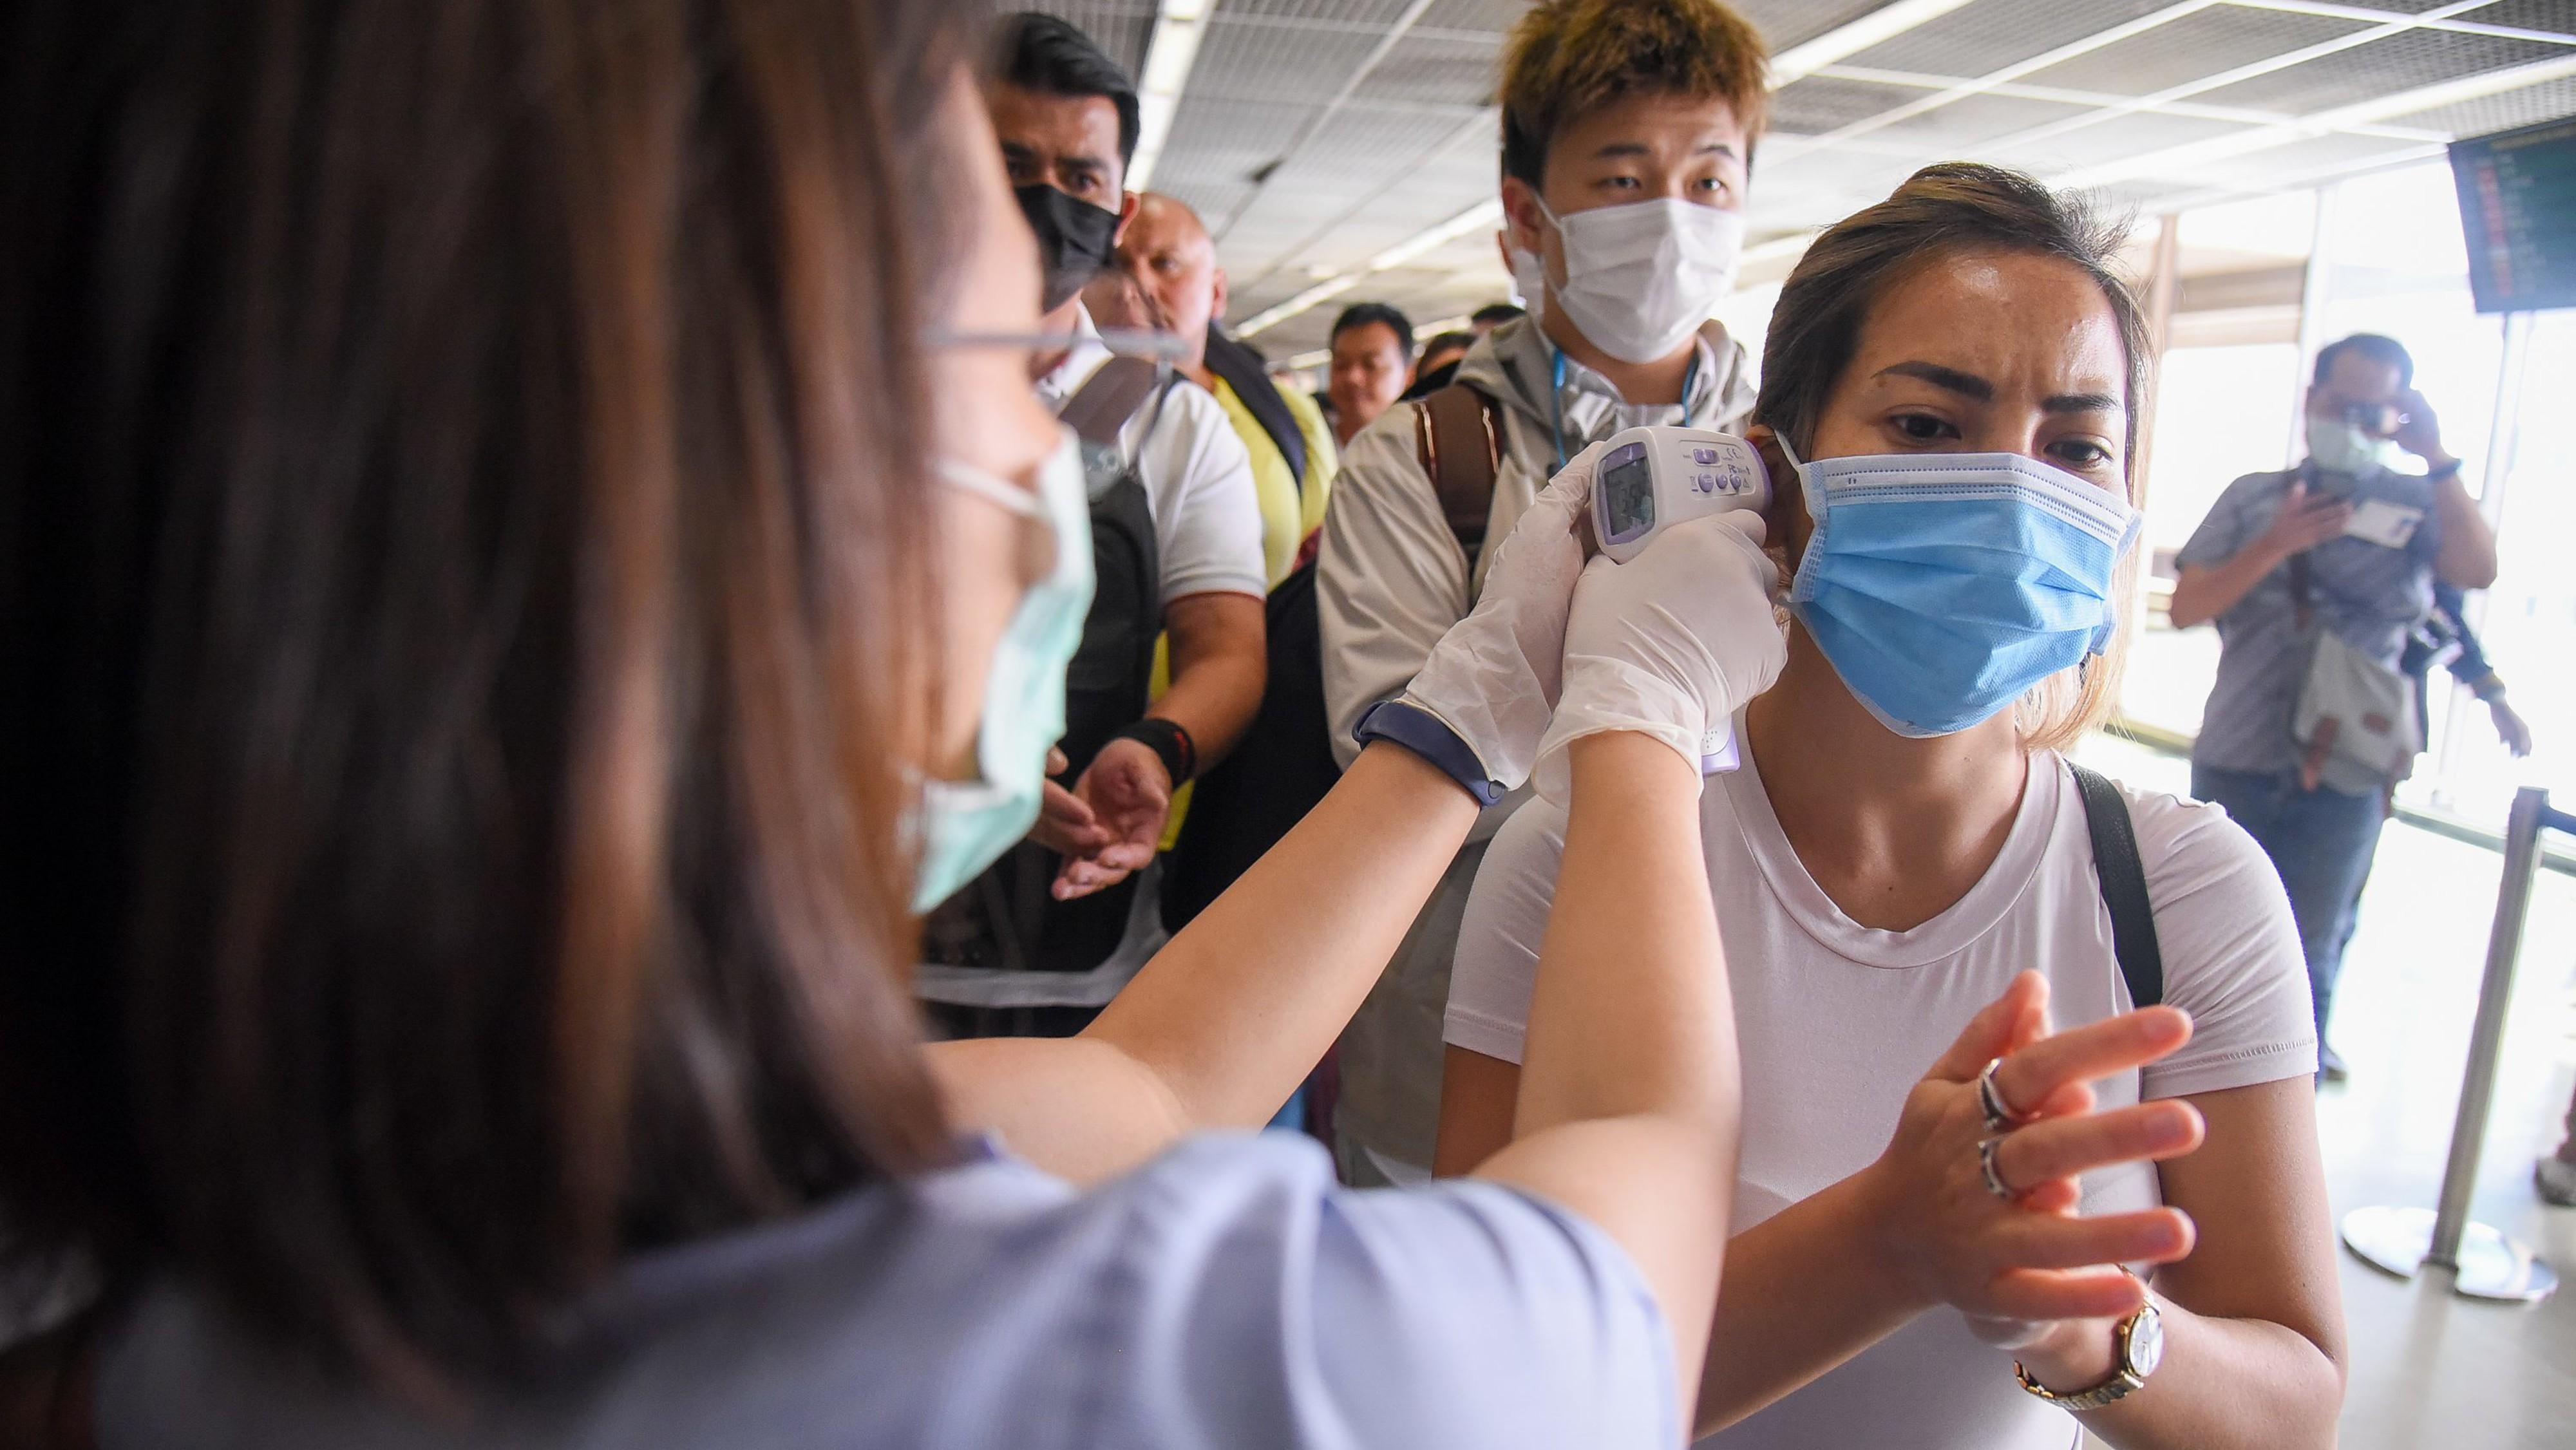 Coronavirus-Ticker: Erste Erfolge bei der Behandlung von Patienten